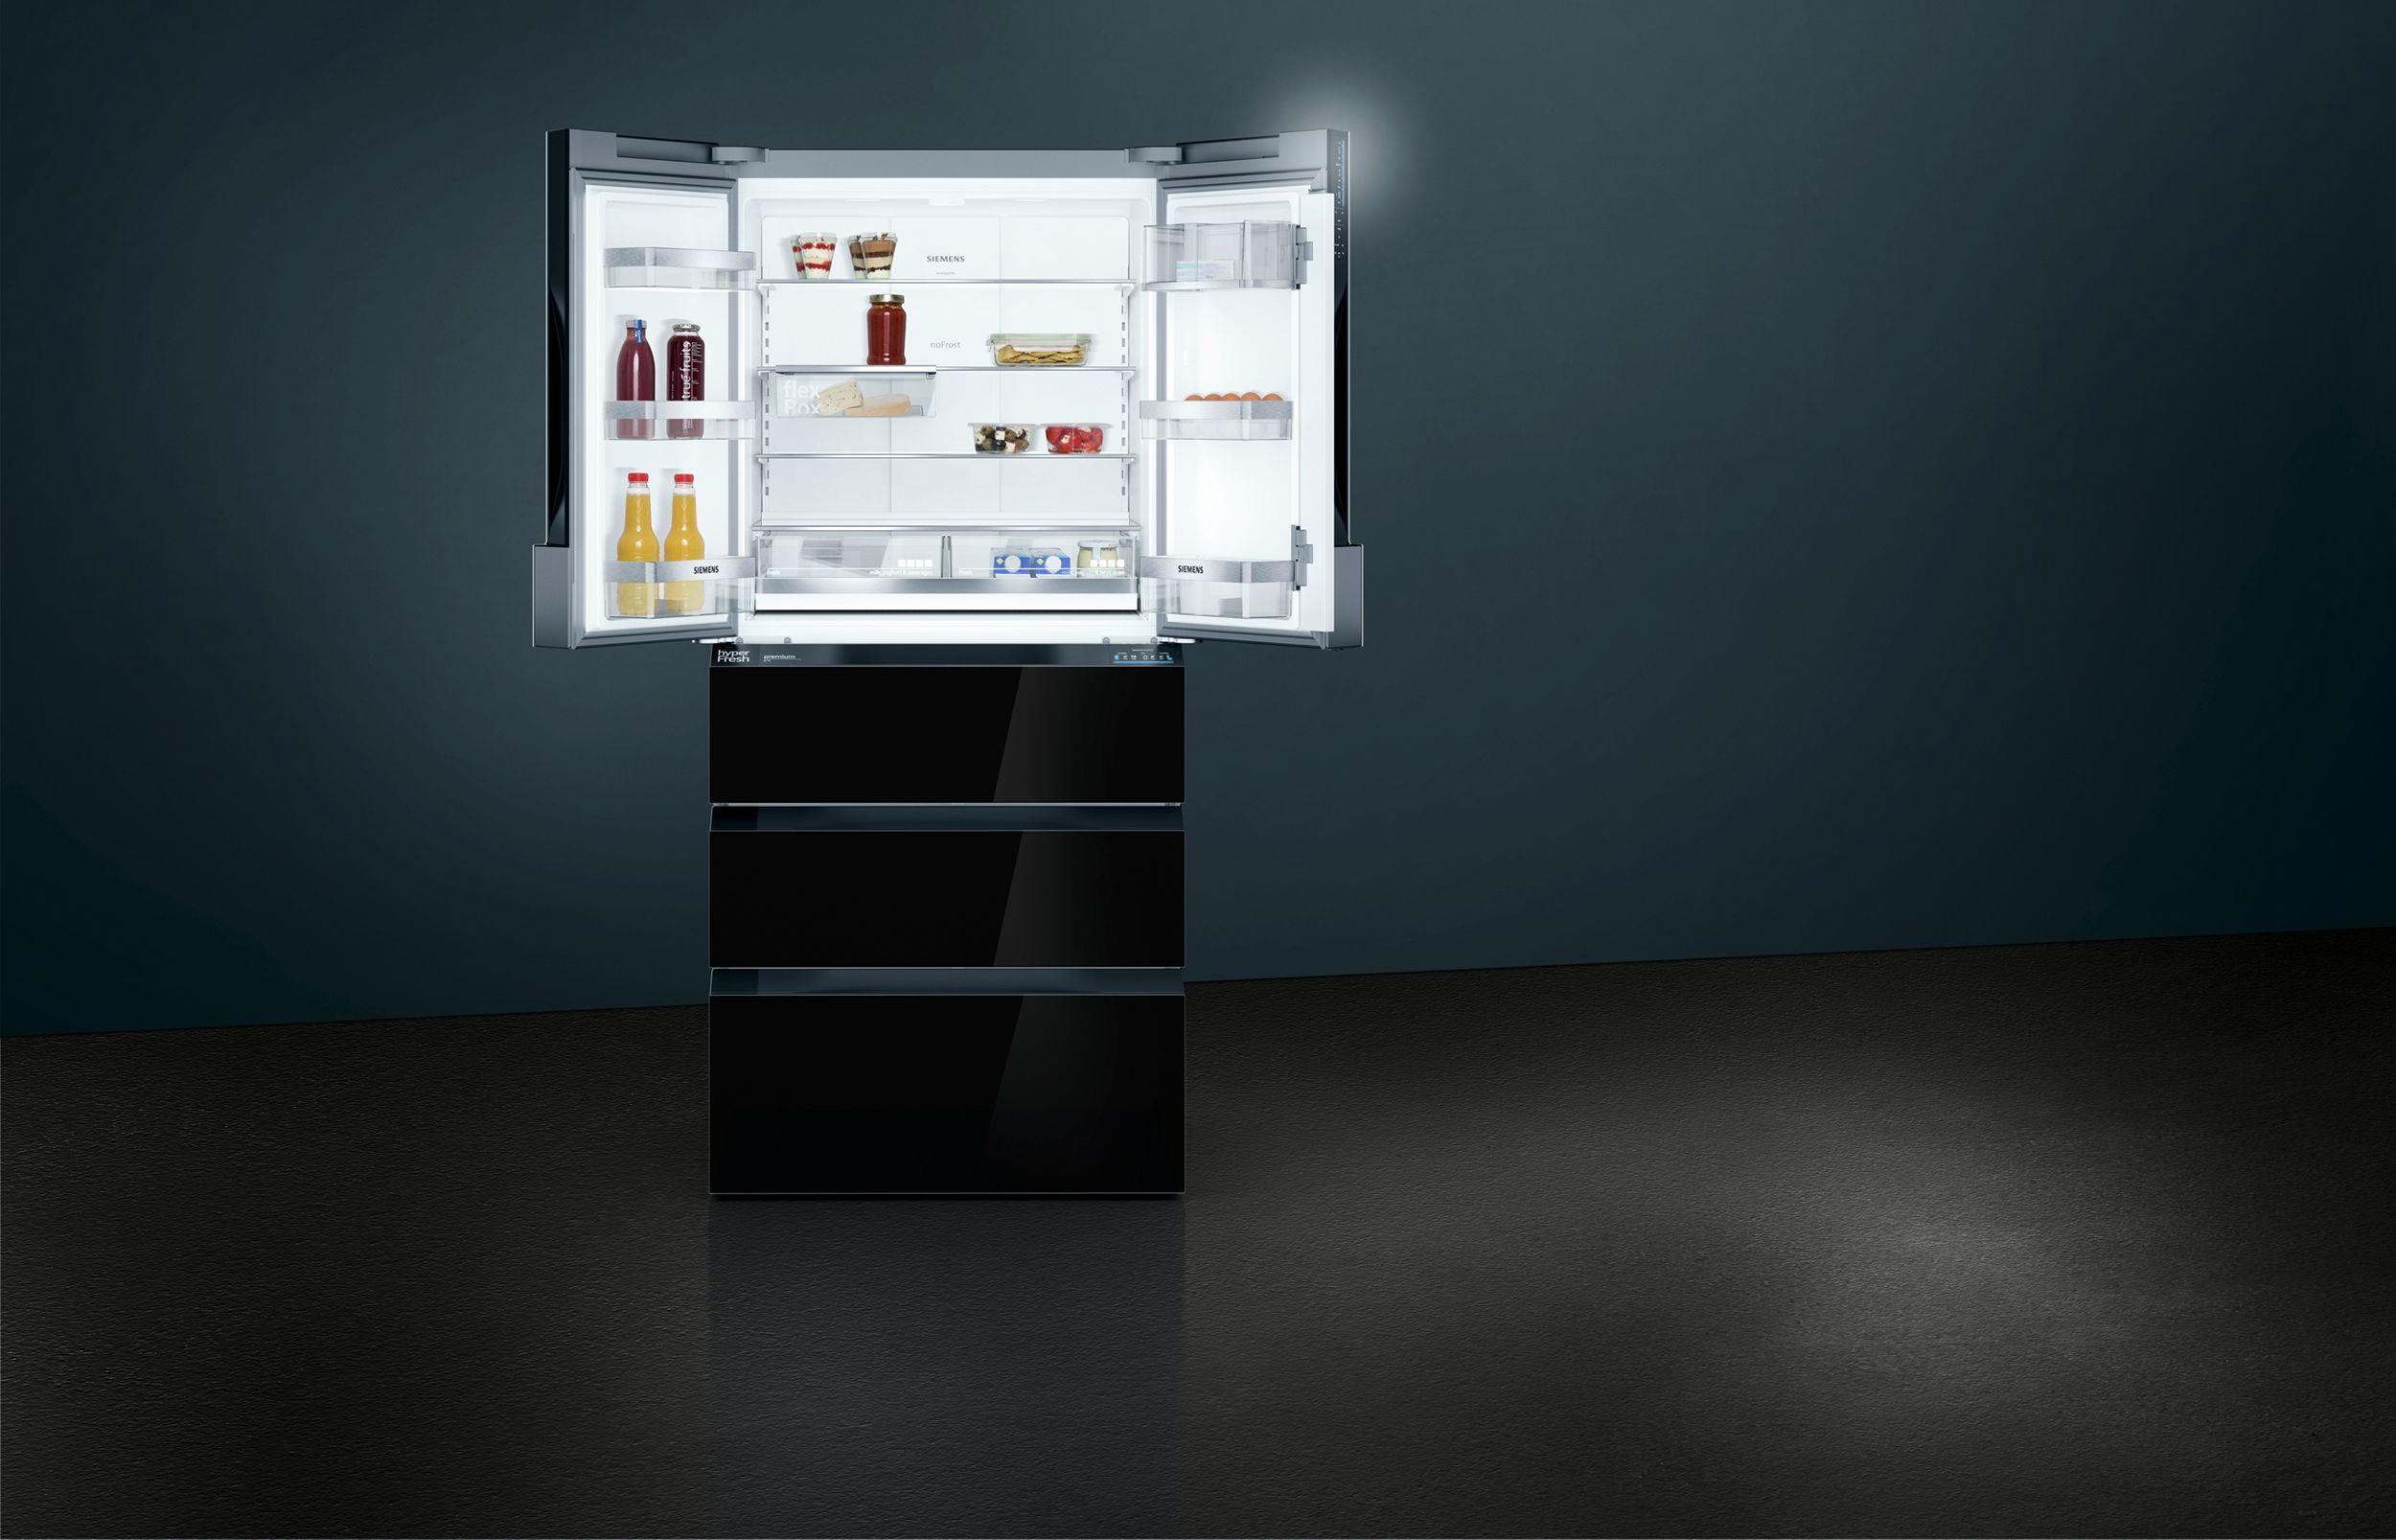 Siemens Studioline Kühlschrank : Pressemitteilung siemens hausgeräte